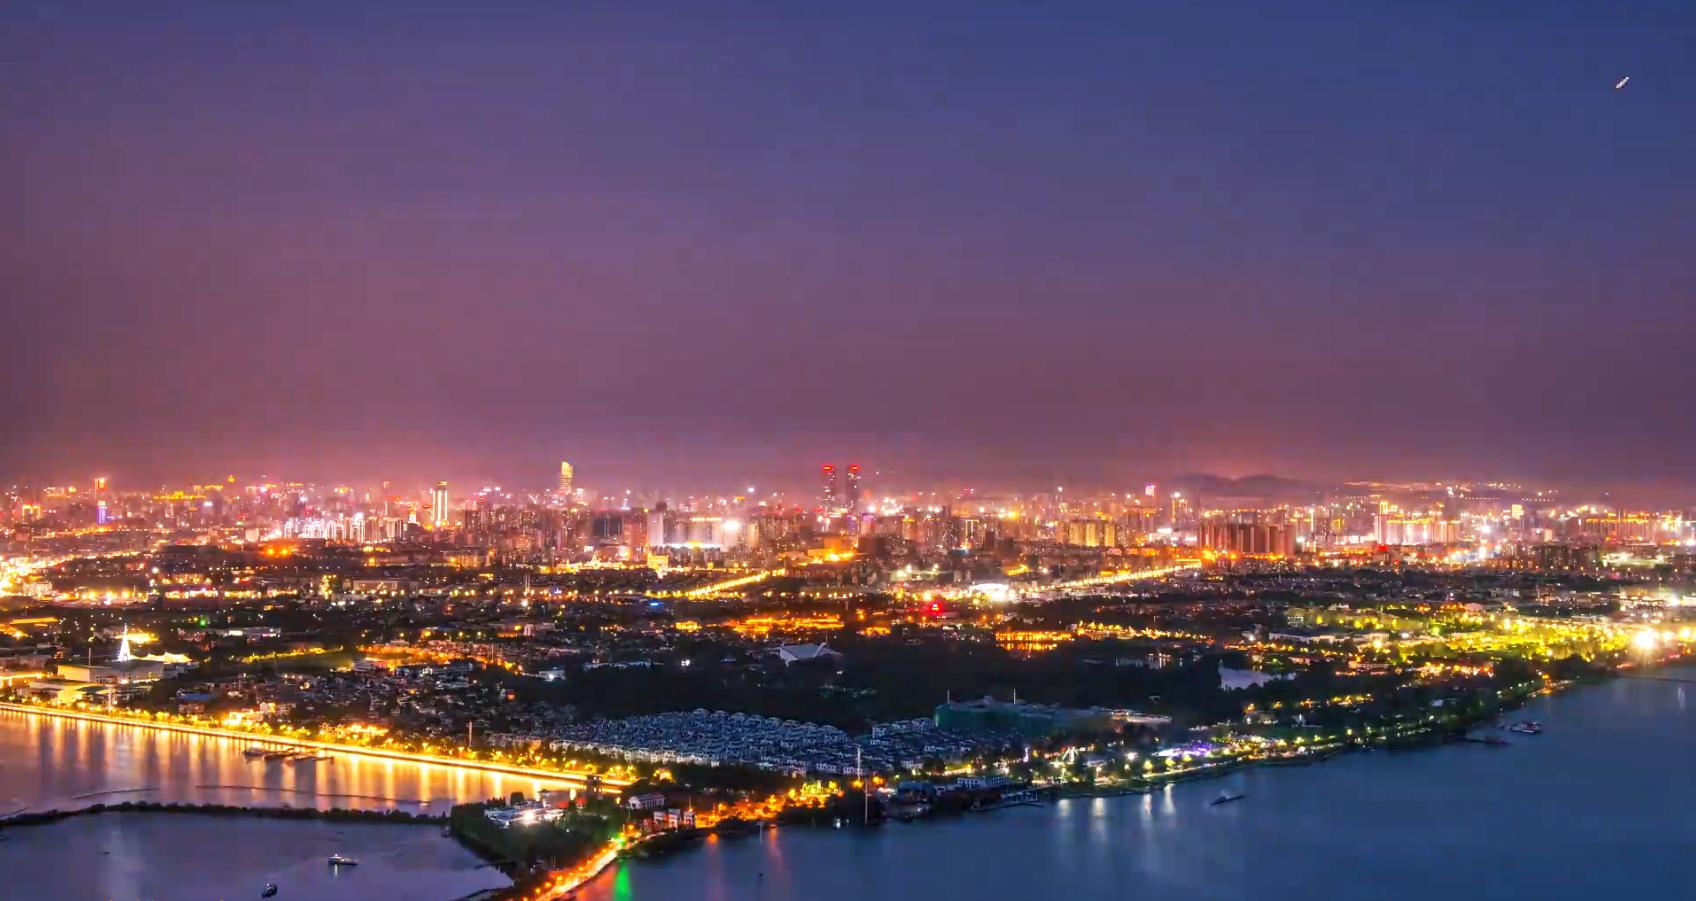 彩云之南 盛装迎客 | 2020年联合国生物多样性大会,利亚德照明再呈视觉盛宴 !